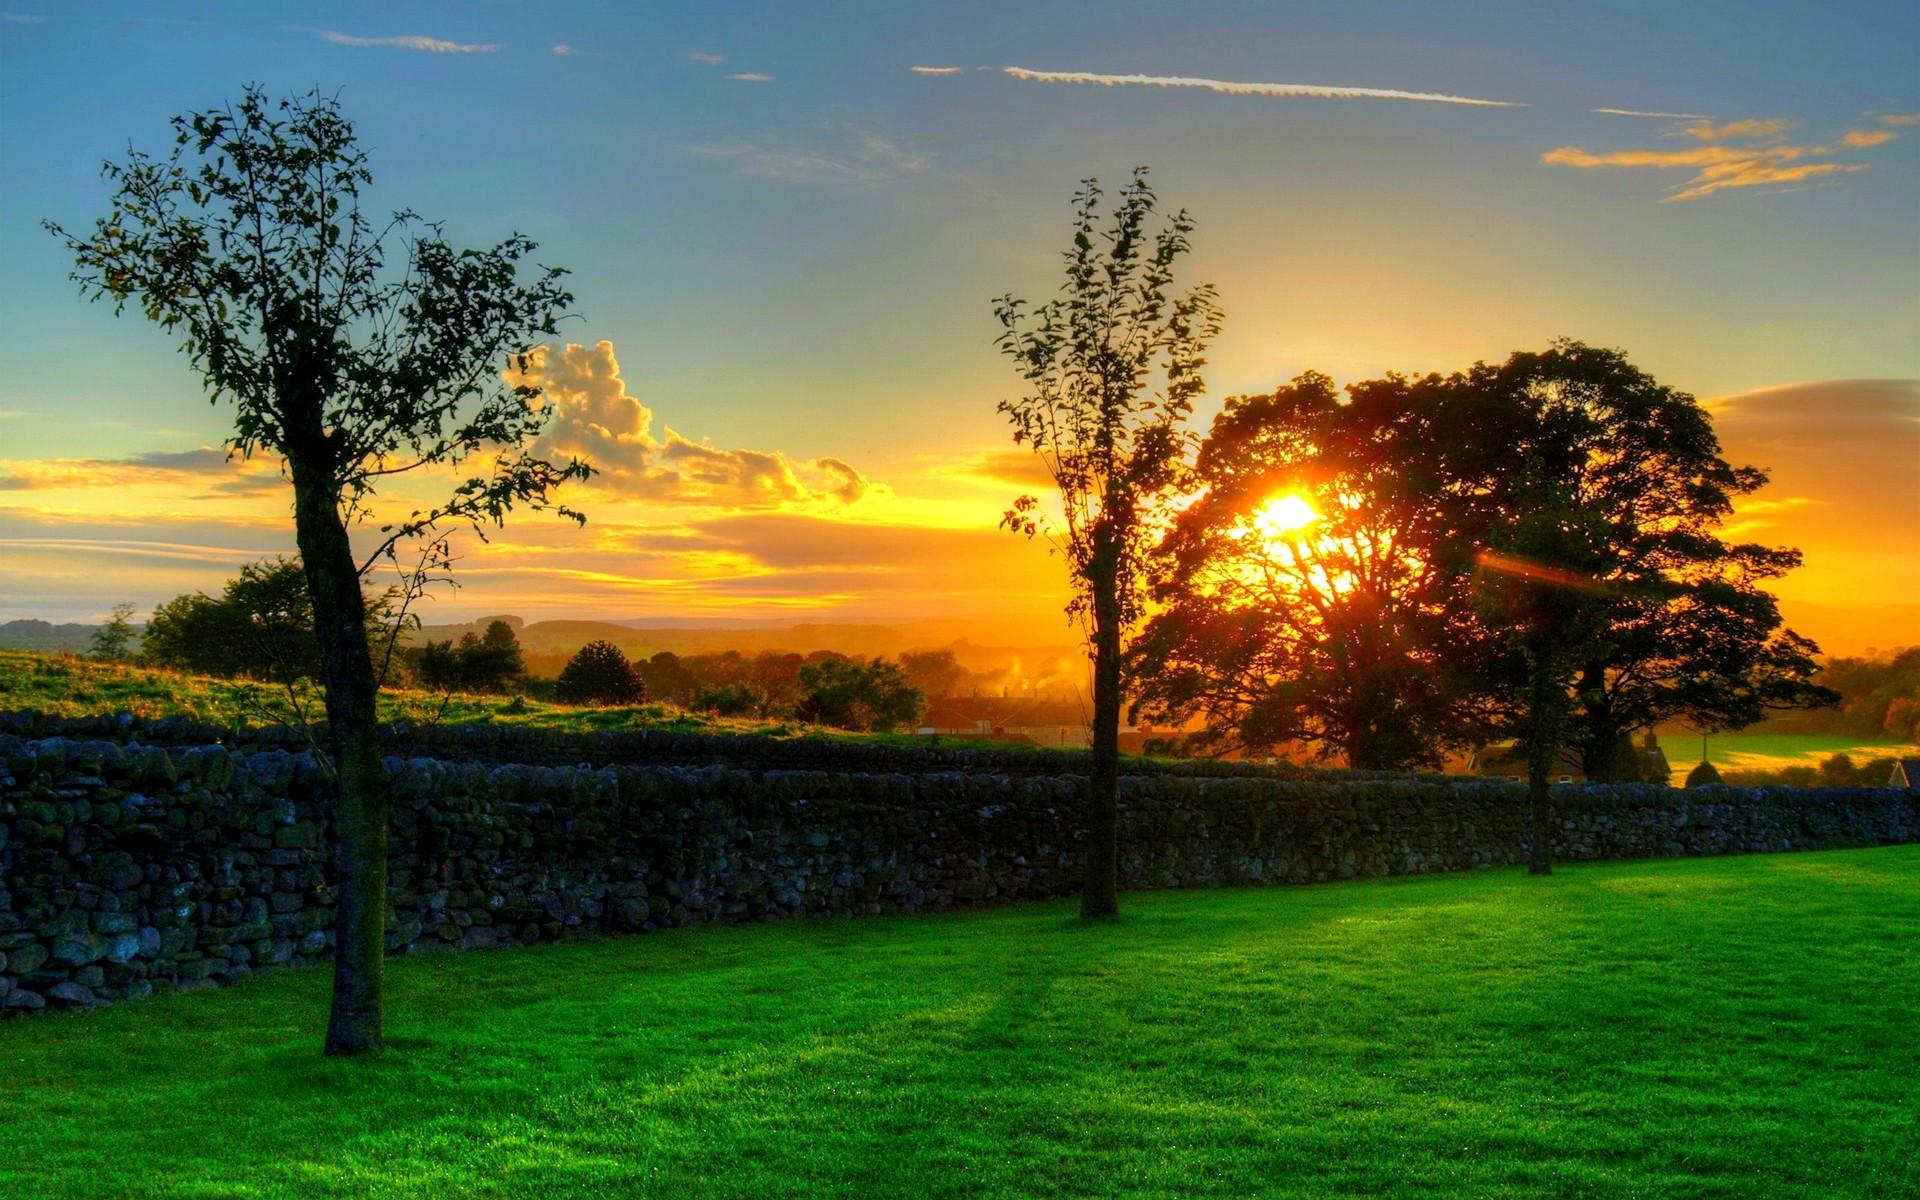 Summer Sunset Wallpaper 7115